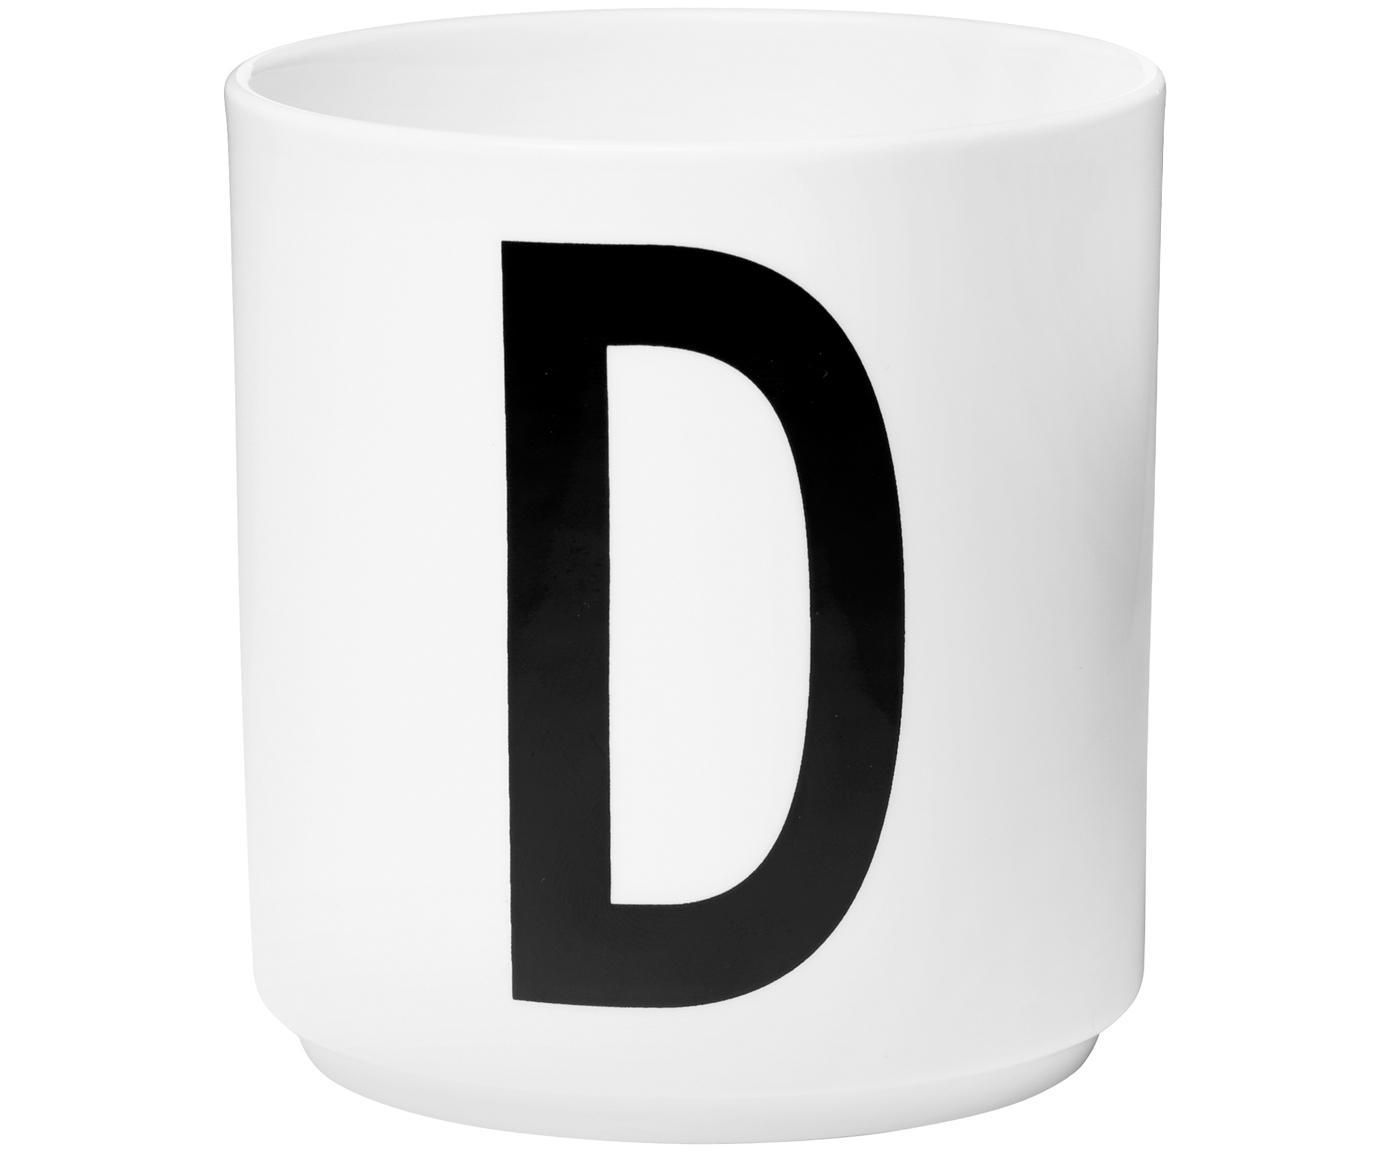 Design Becher Personal mit Buchstaben (Varianten von A bis Z), Fine Bone China (Porzellan), Weiss, Schwarz, Becher D